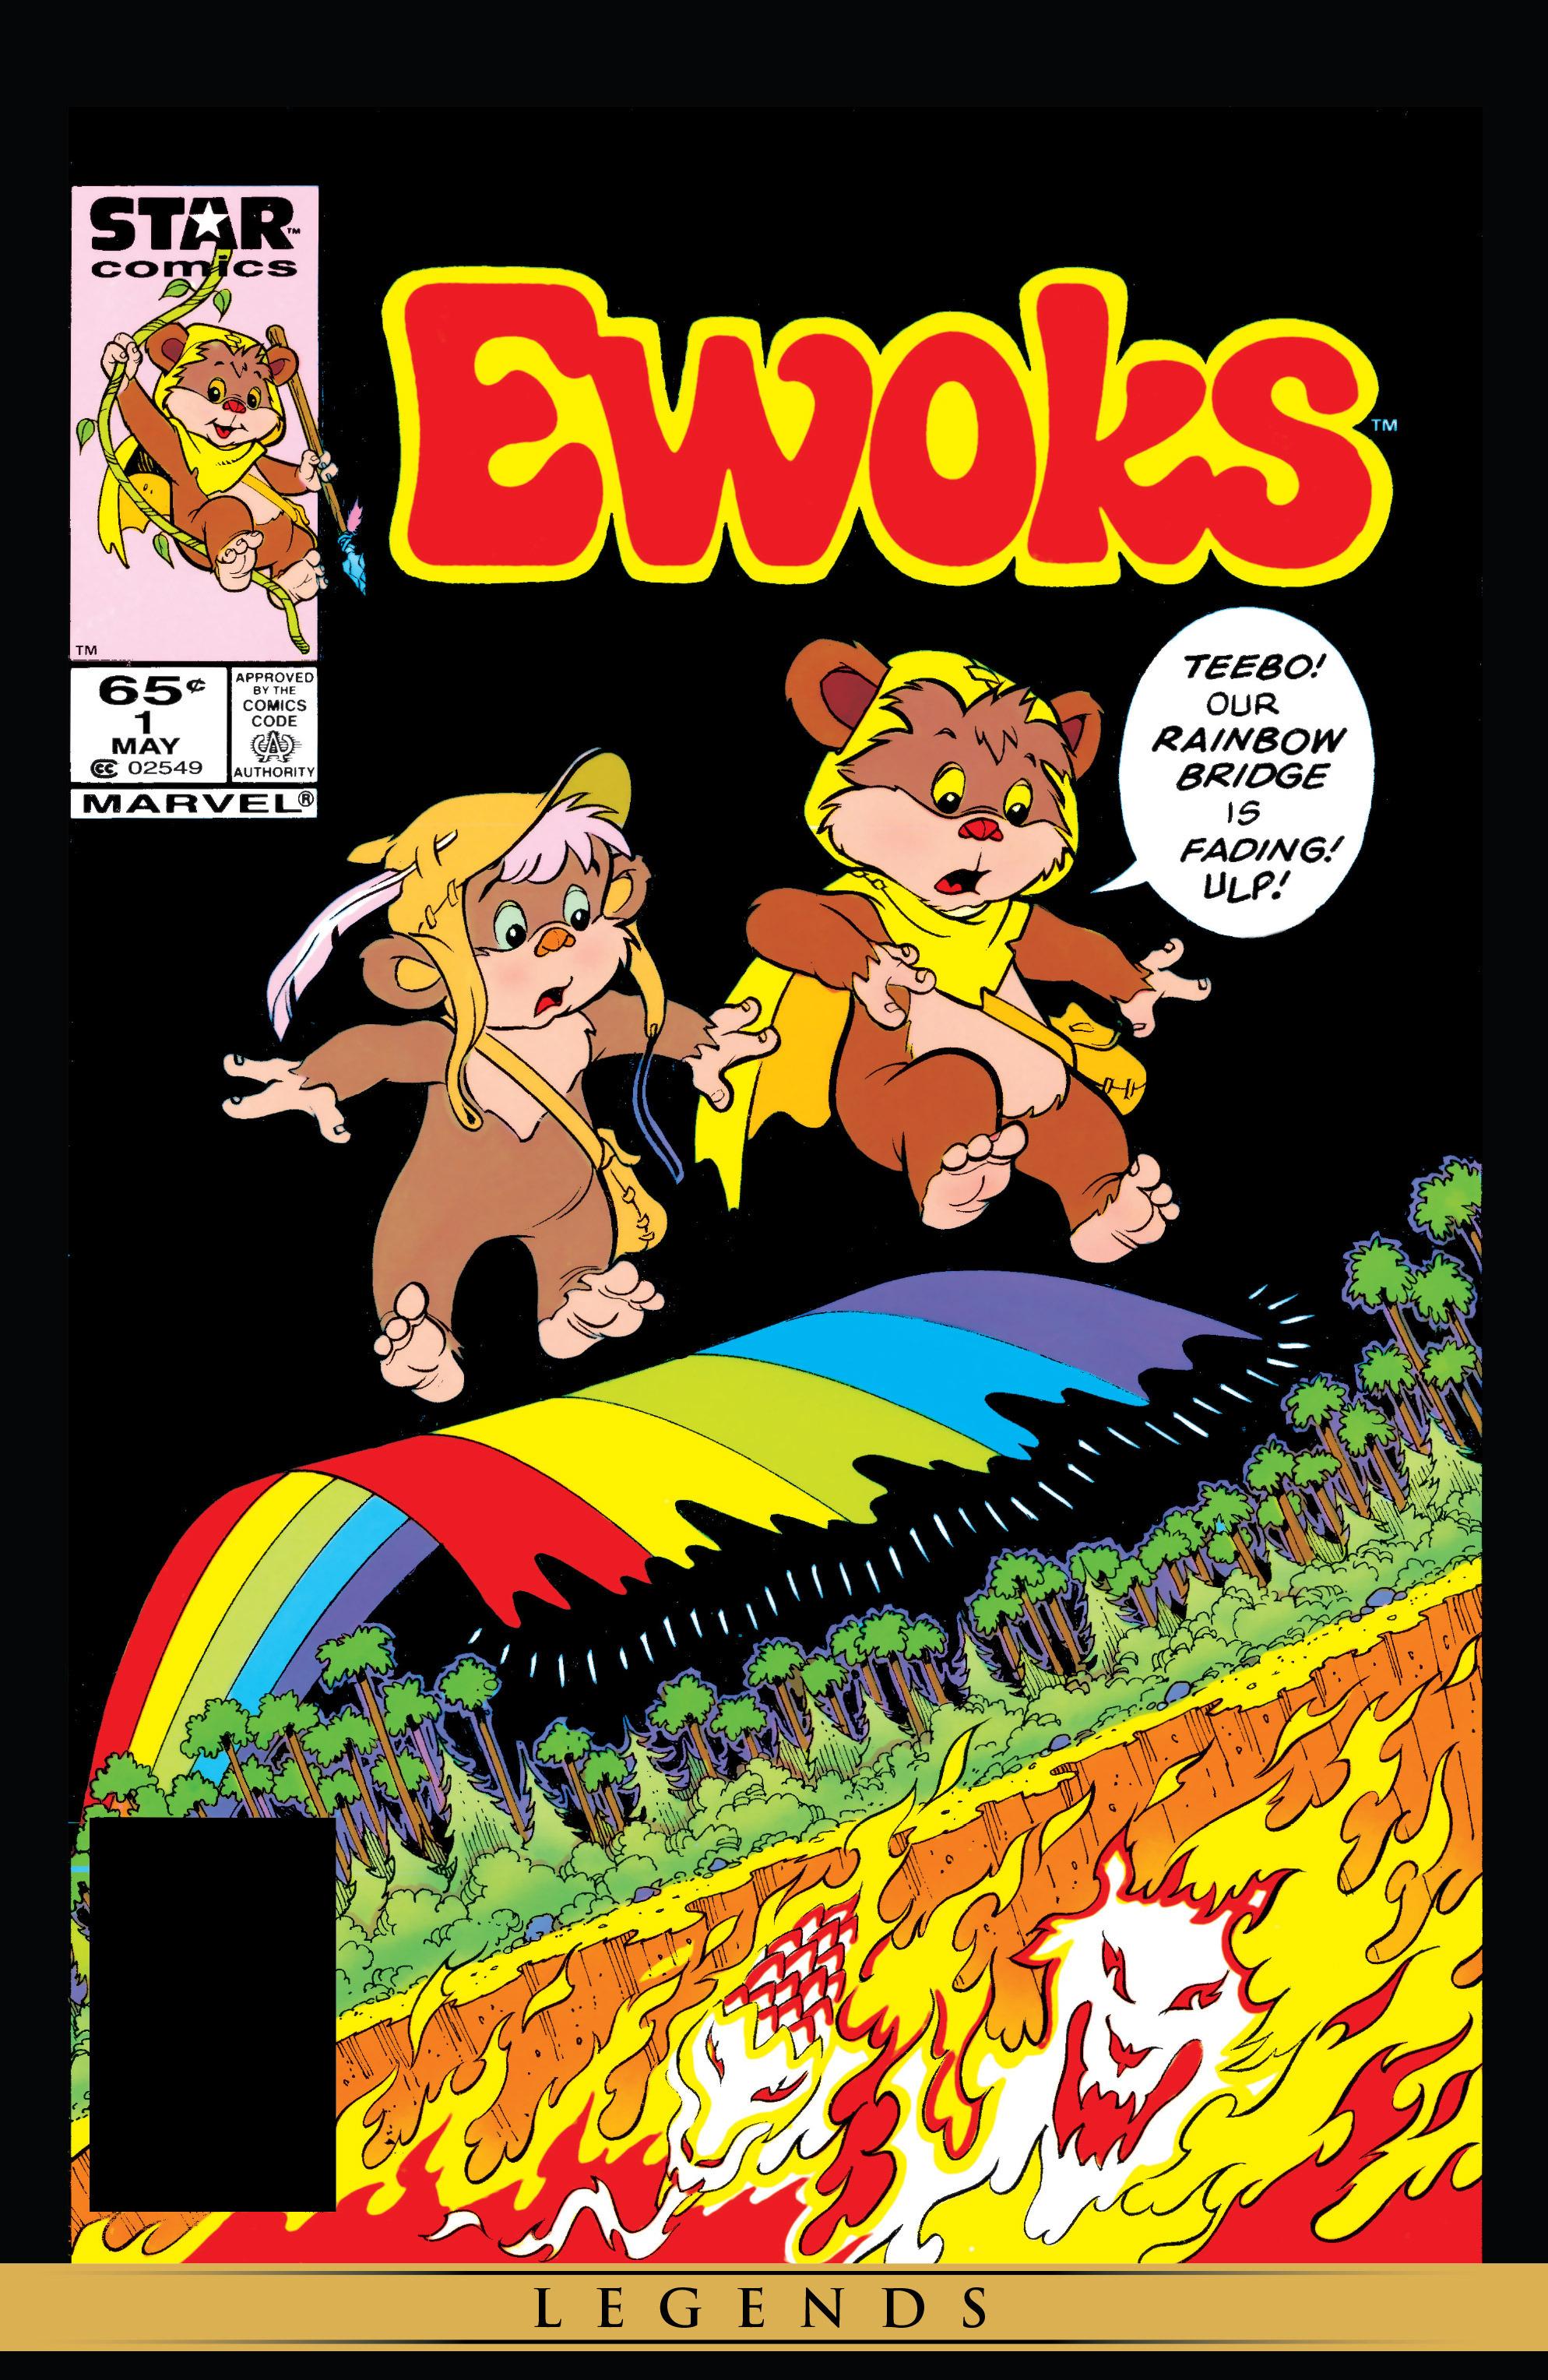 Ewoks 1 Page 1